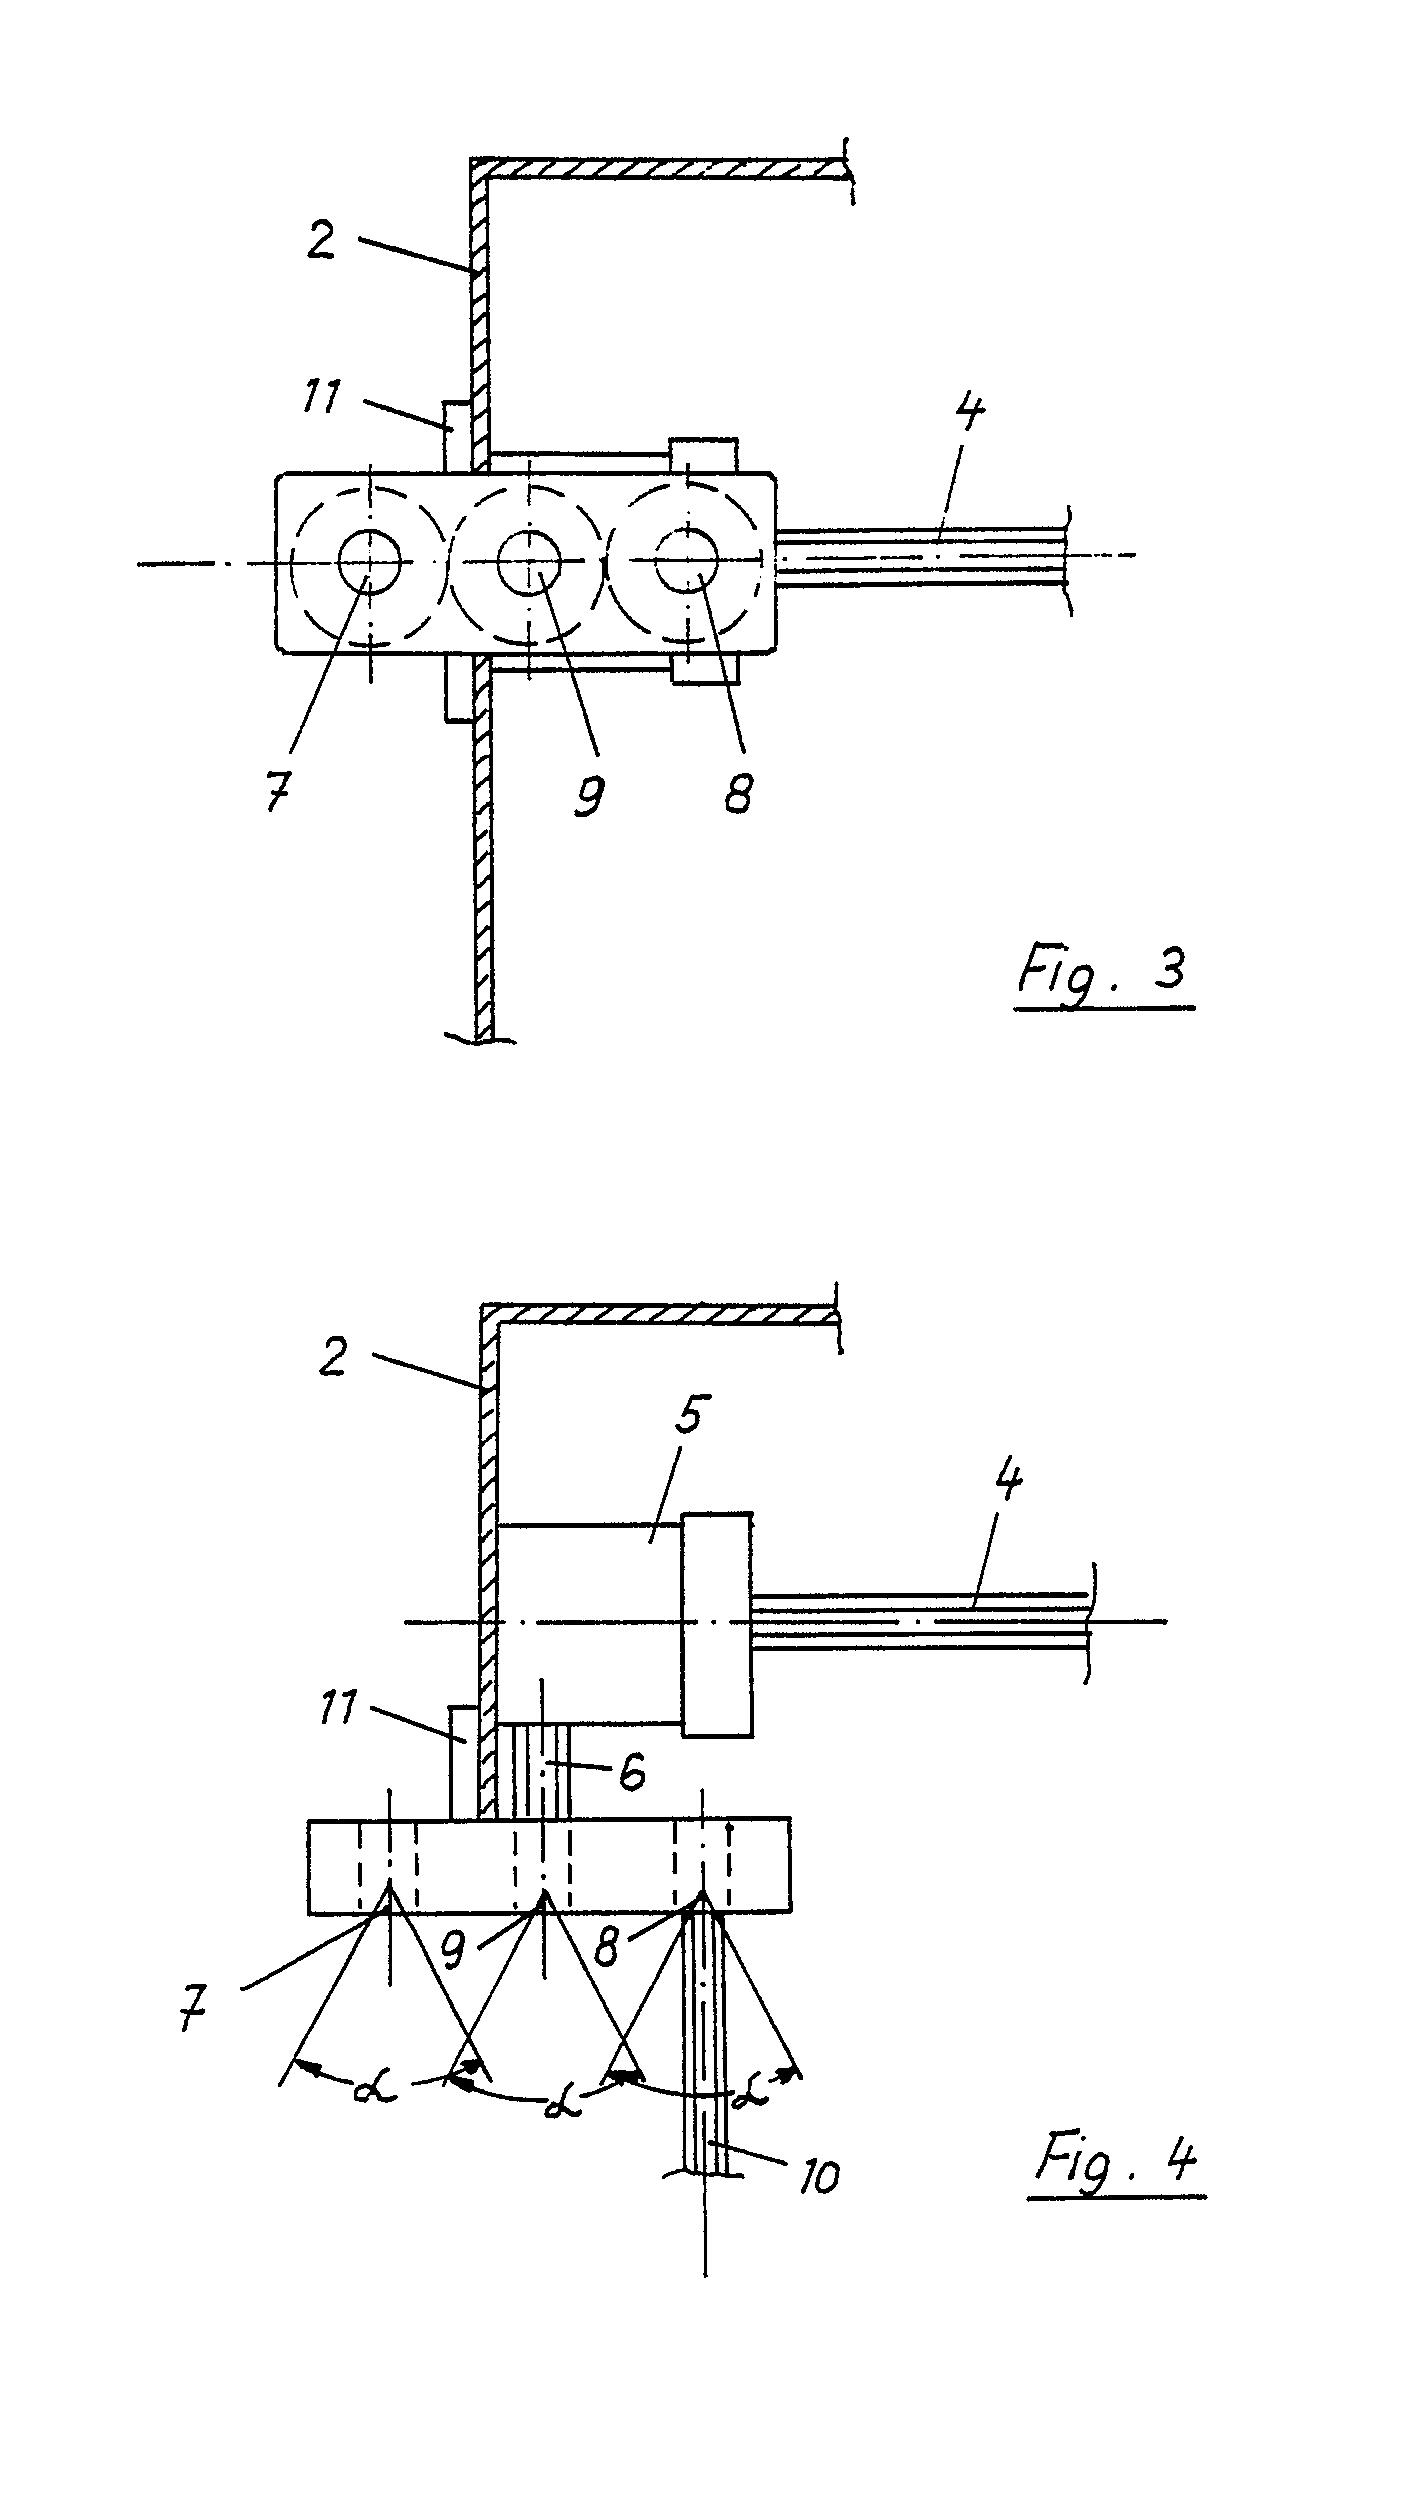 patent ep0268149a2 getriebe f r das auf und abwickeln eines aus mehreren lamellen bestehenden. Black Bedroom Furniture Sets. Home Design Ideas